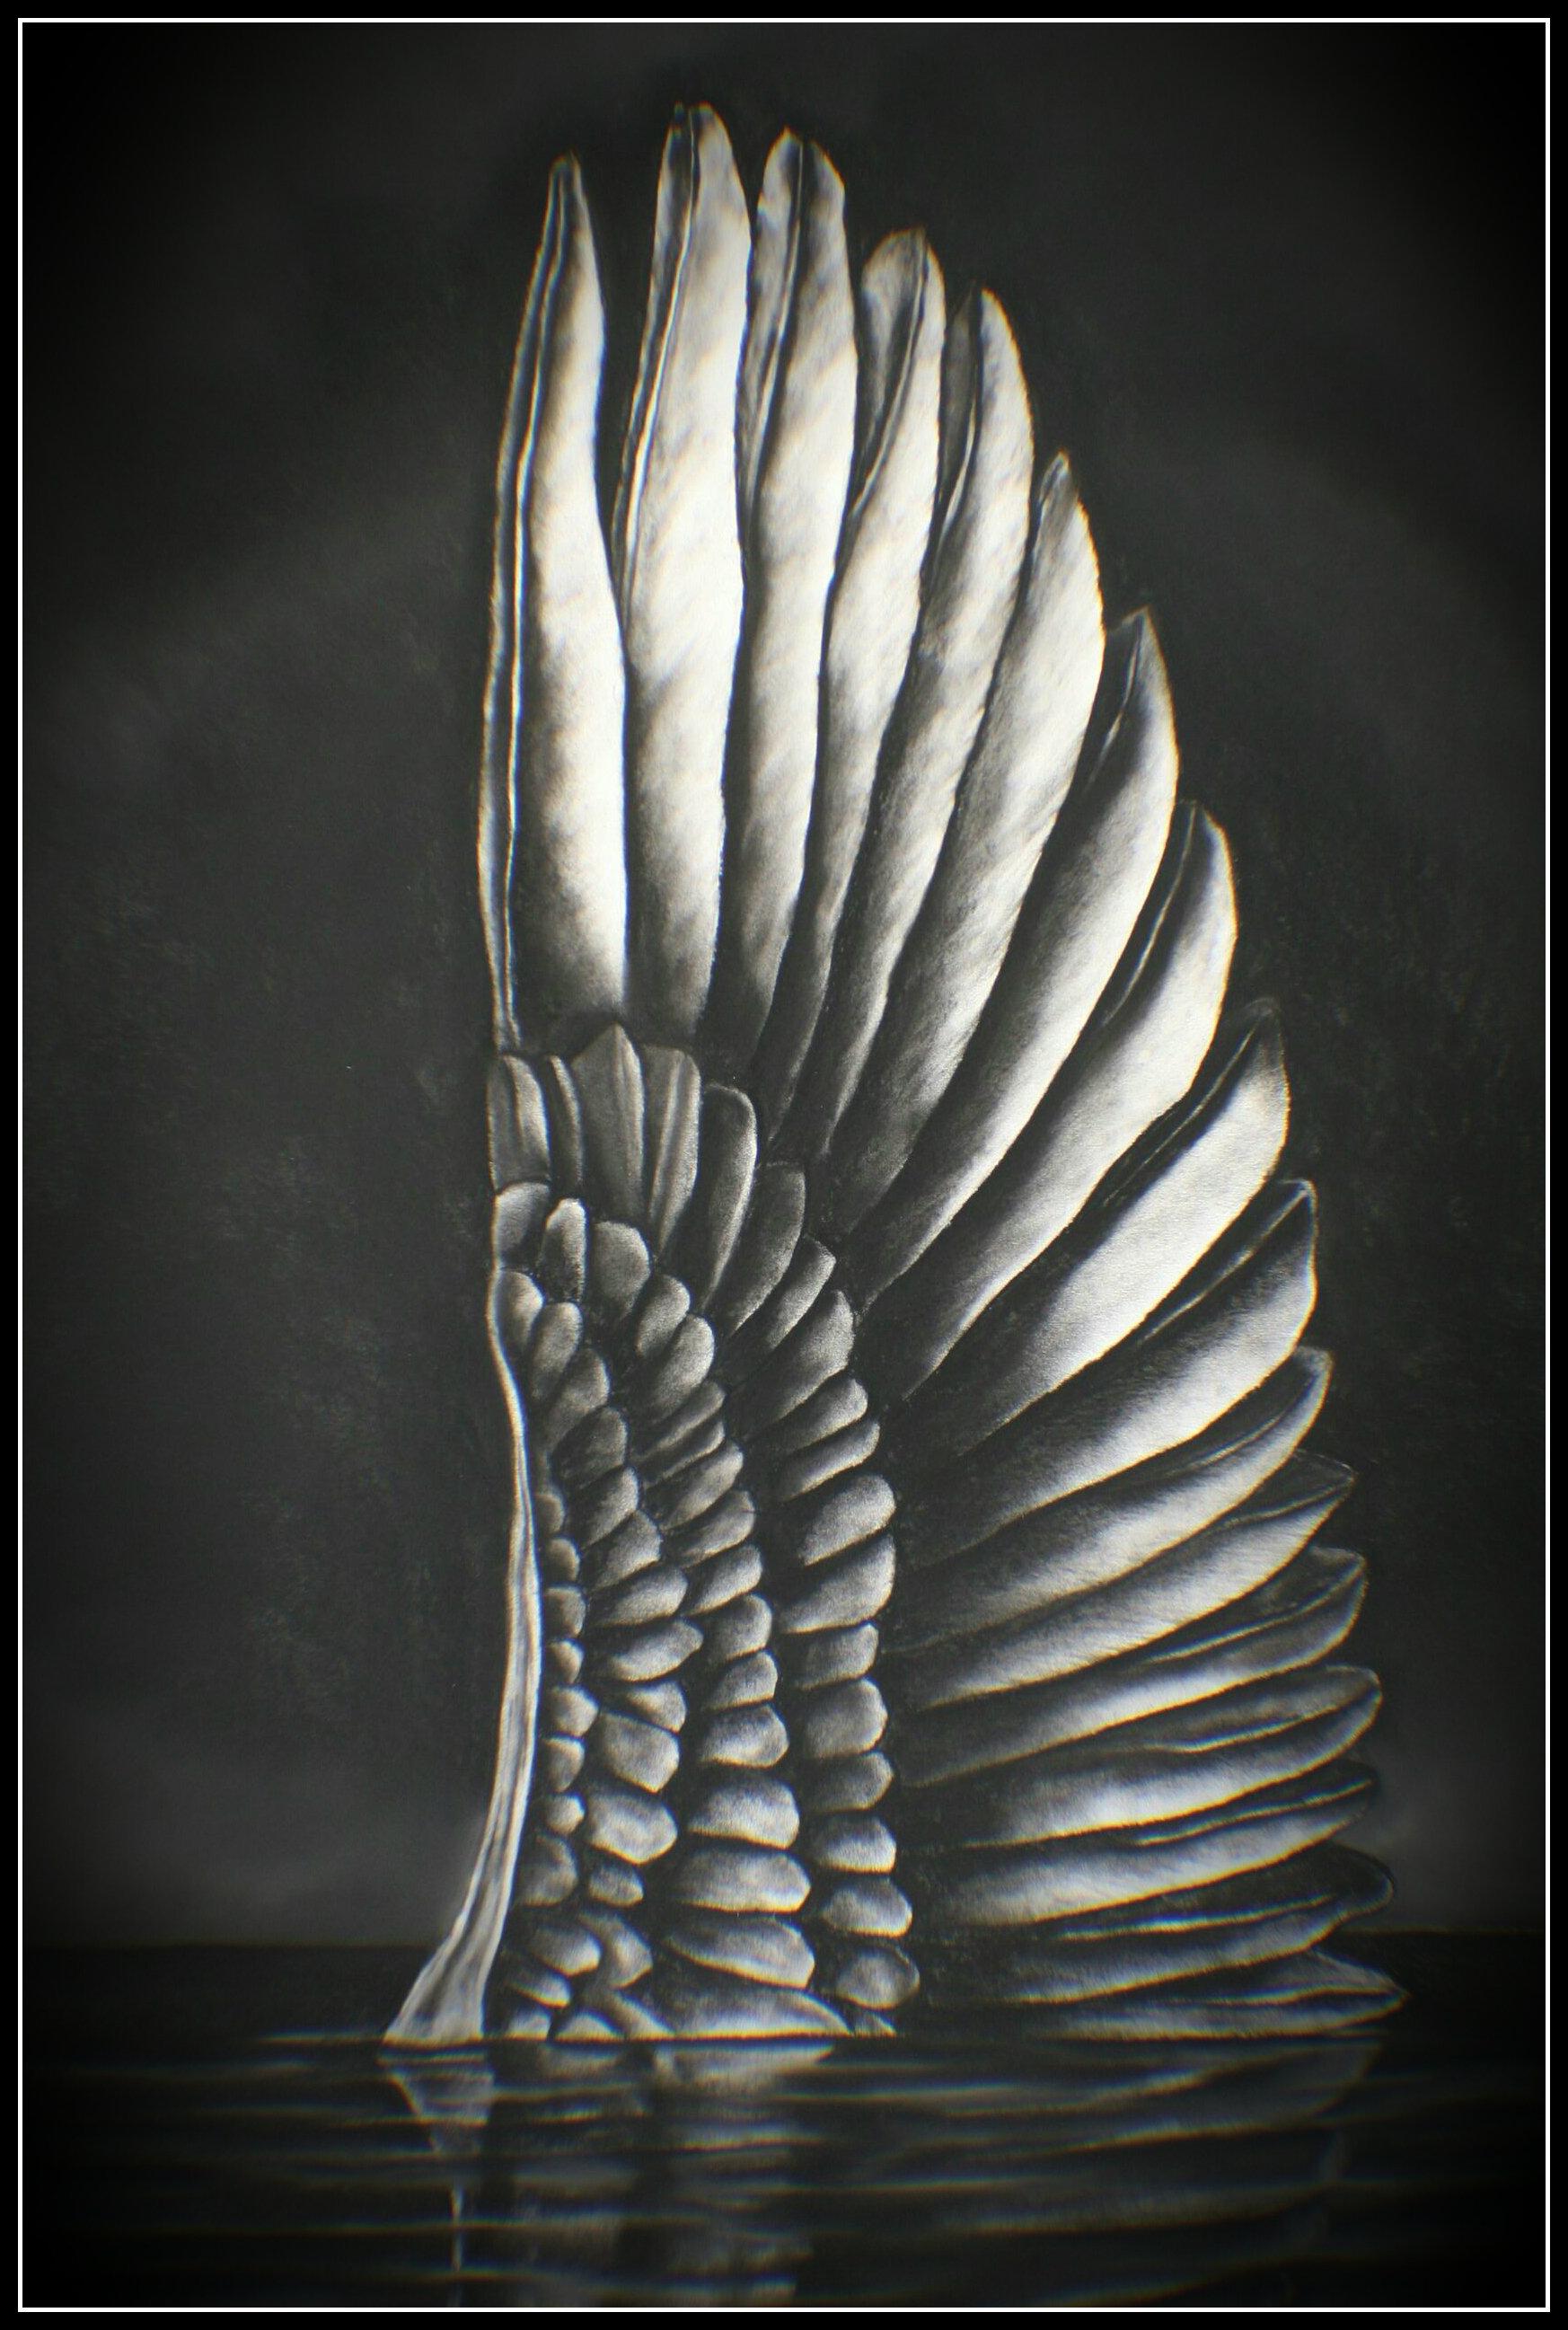 Da Vinci's Wing